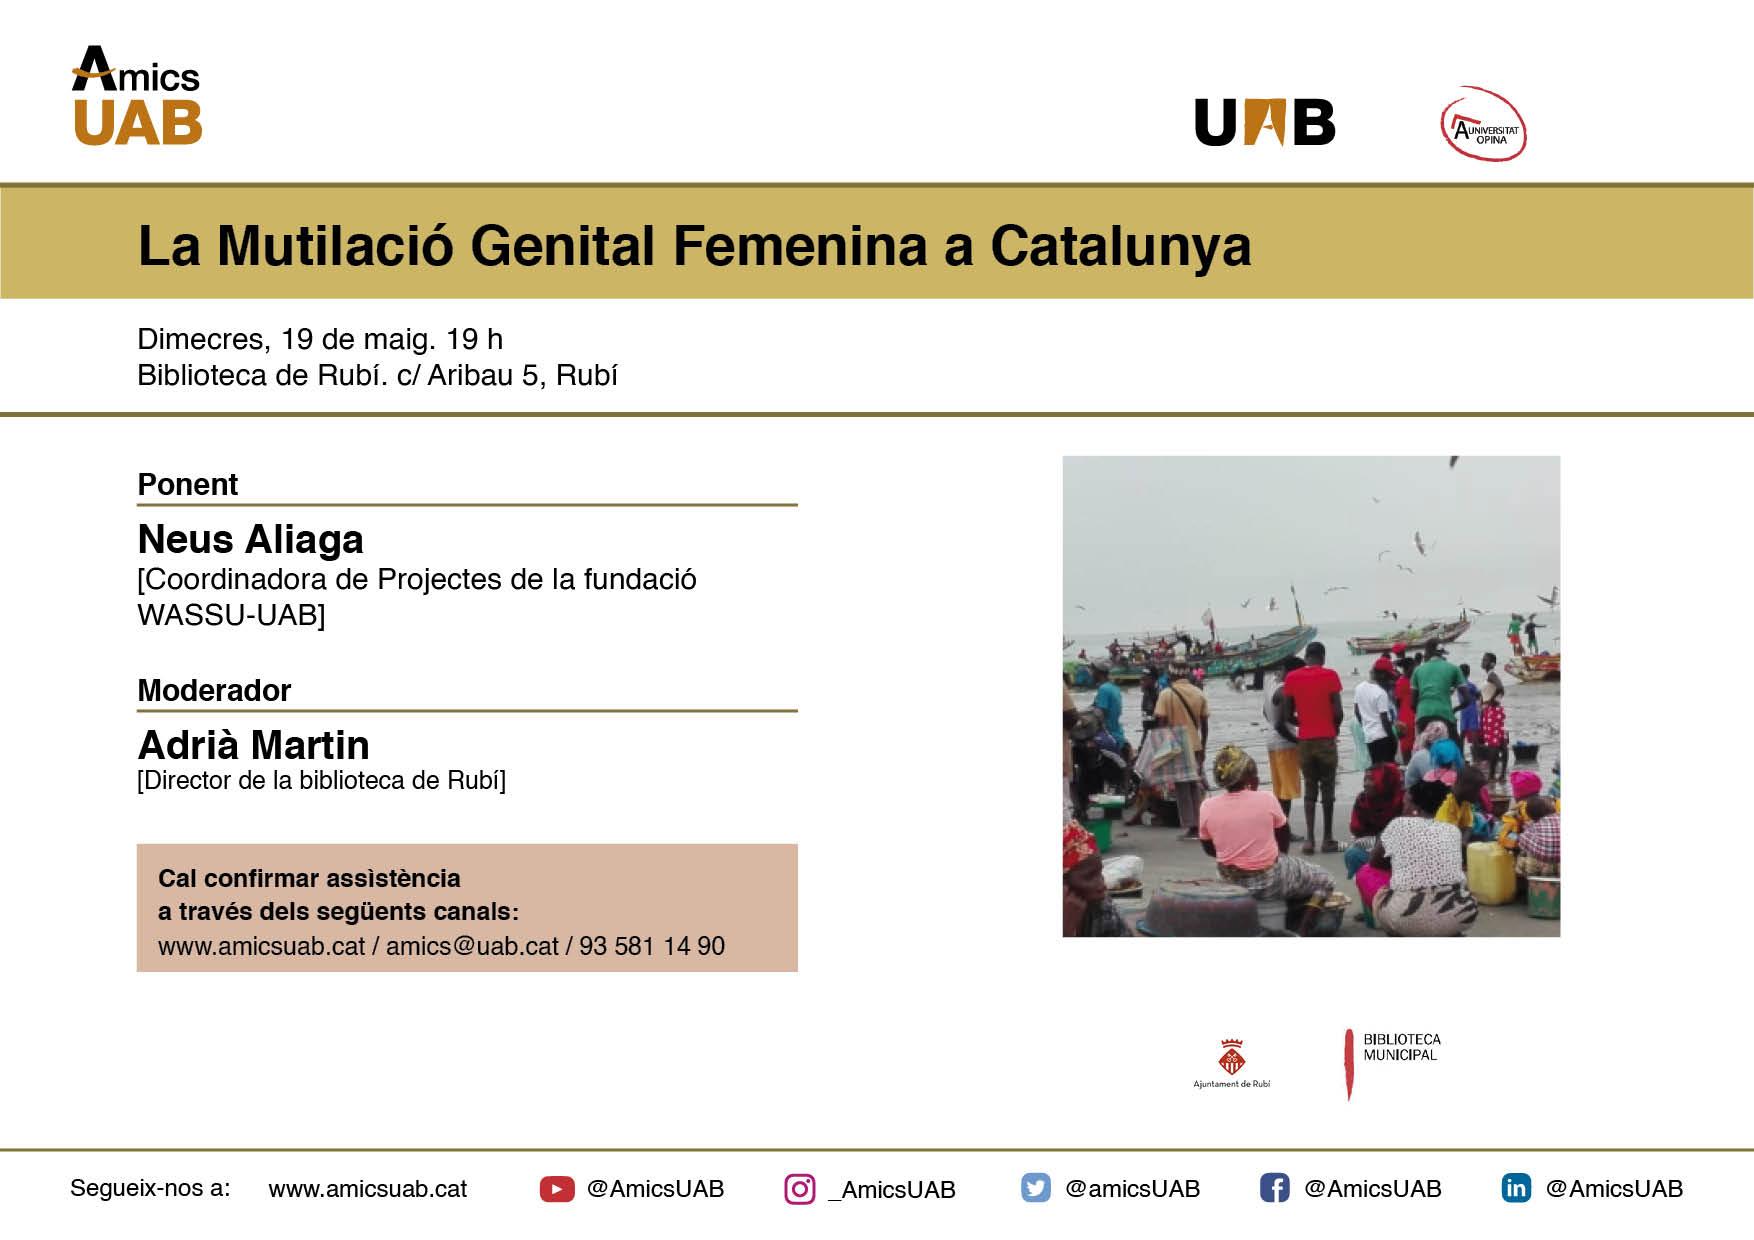 La mutilació genital femenina a Catalunya